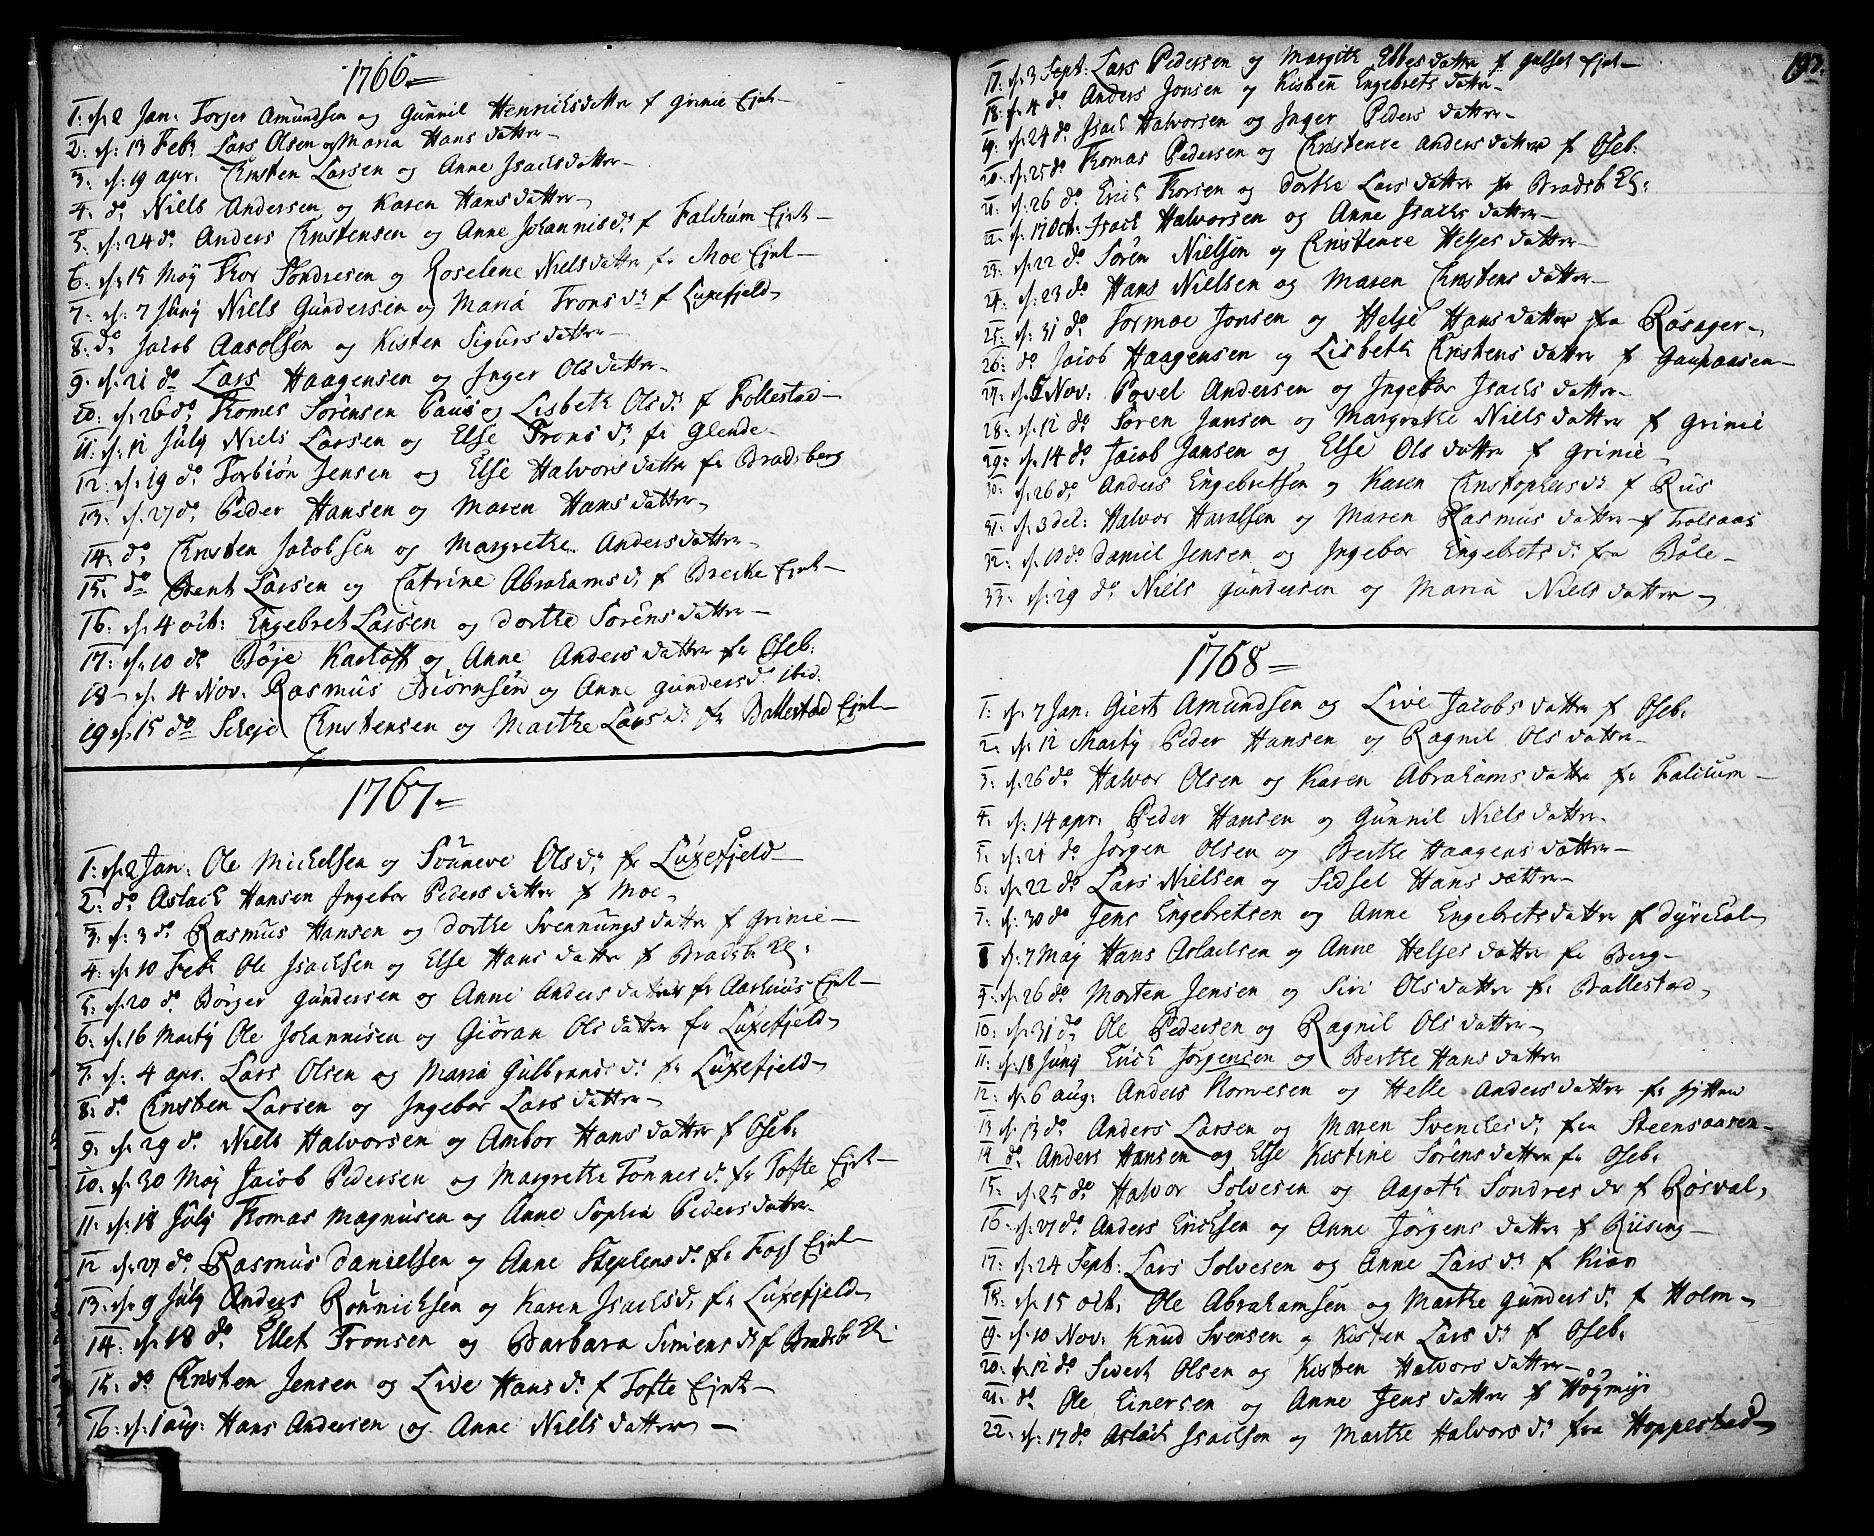 SAKO, Gjerpen kirkebøker, F/Fa/L0002: Ministerialbok nr. 2, 1747-1795, s. 193